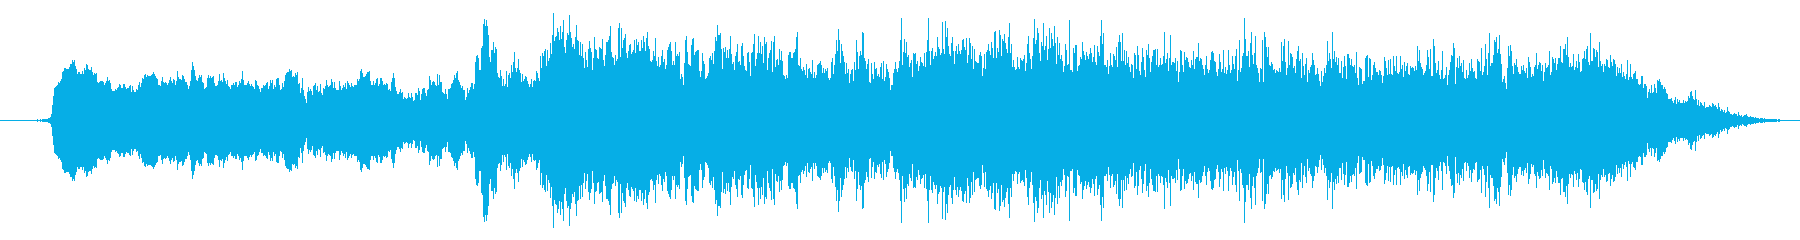 ストリングスのホラー系SEの再生済みの波形